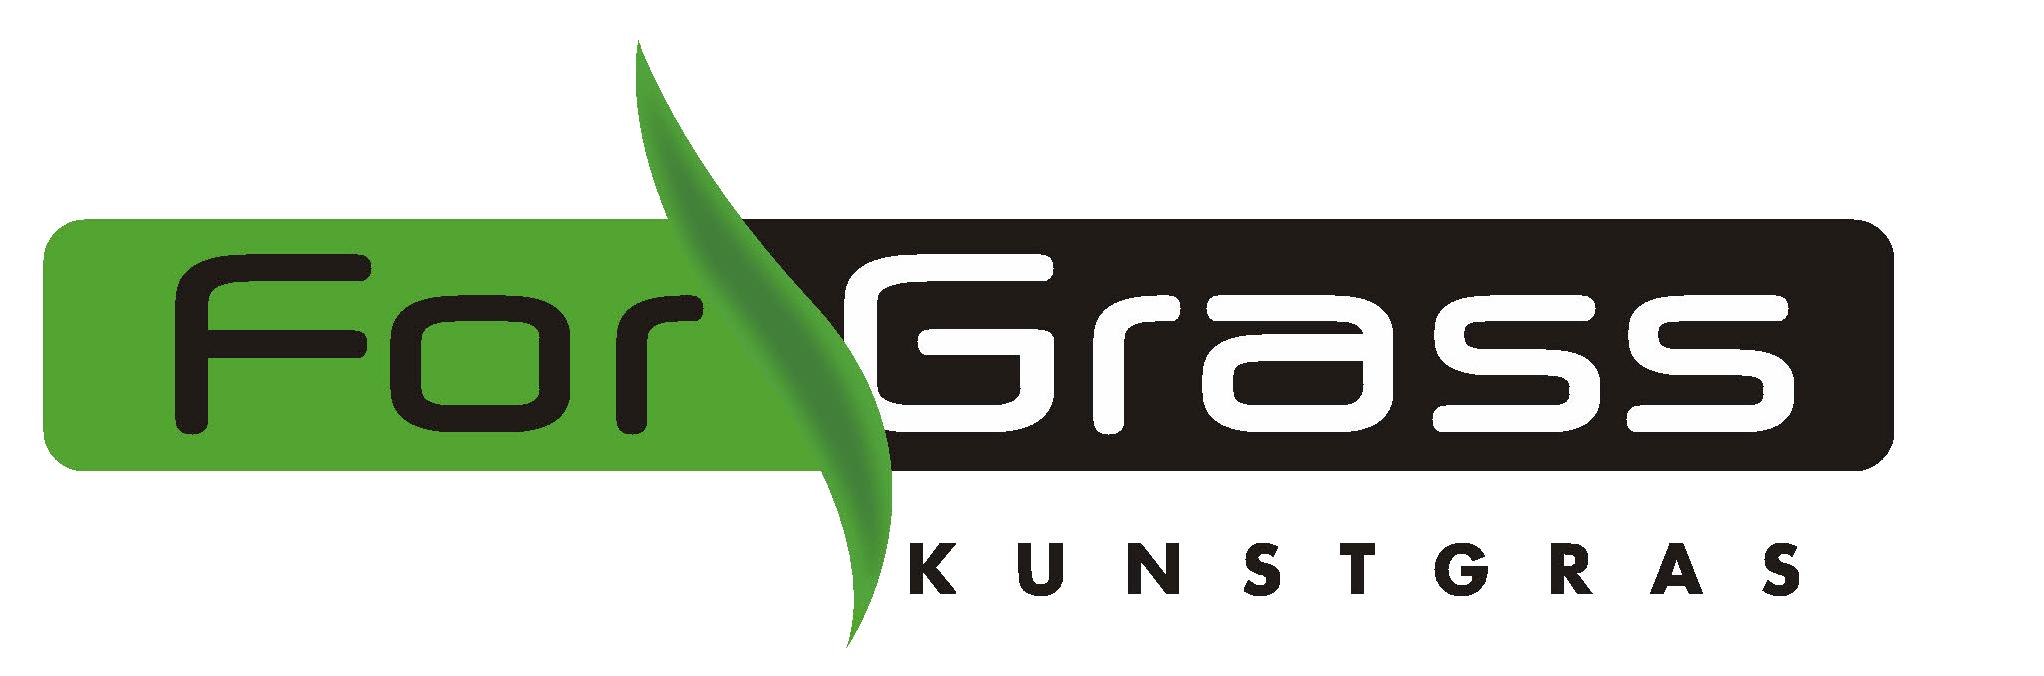 ForGrass-logo-met-kunstgras-kunstgras.png